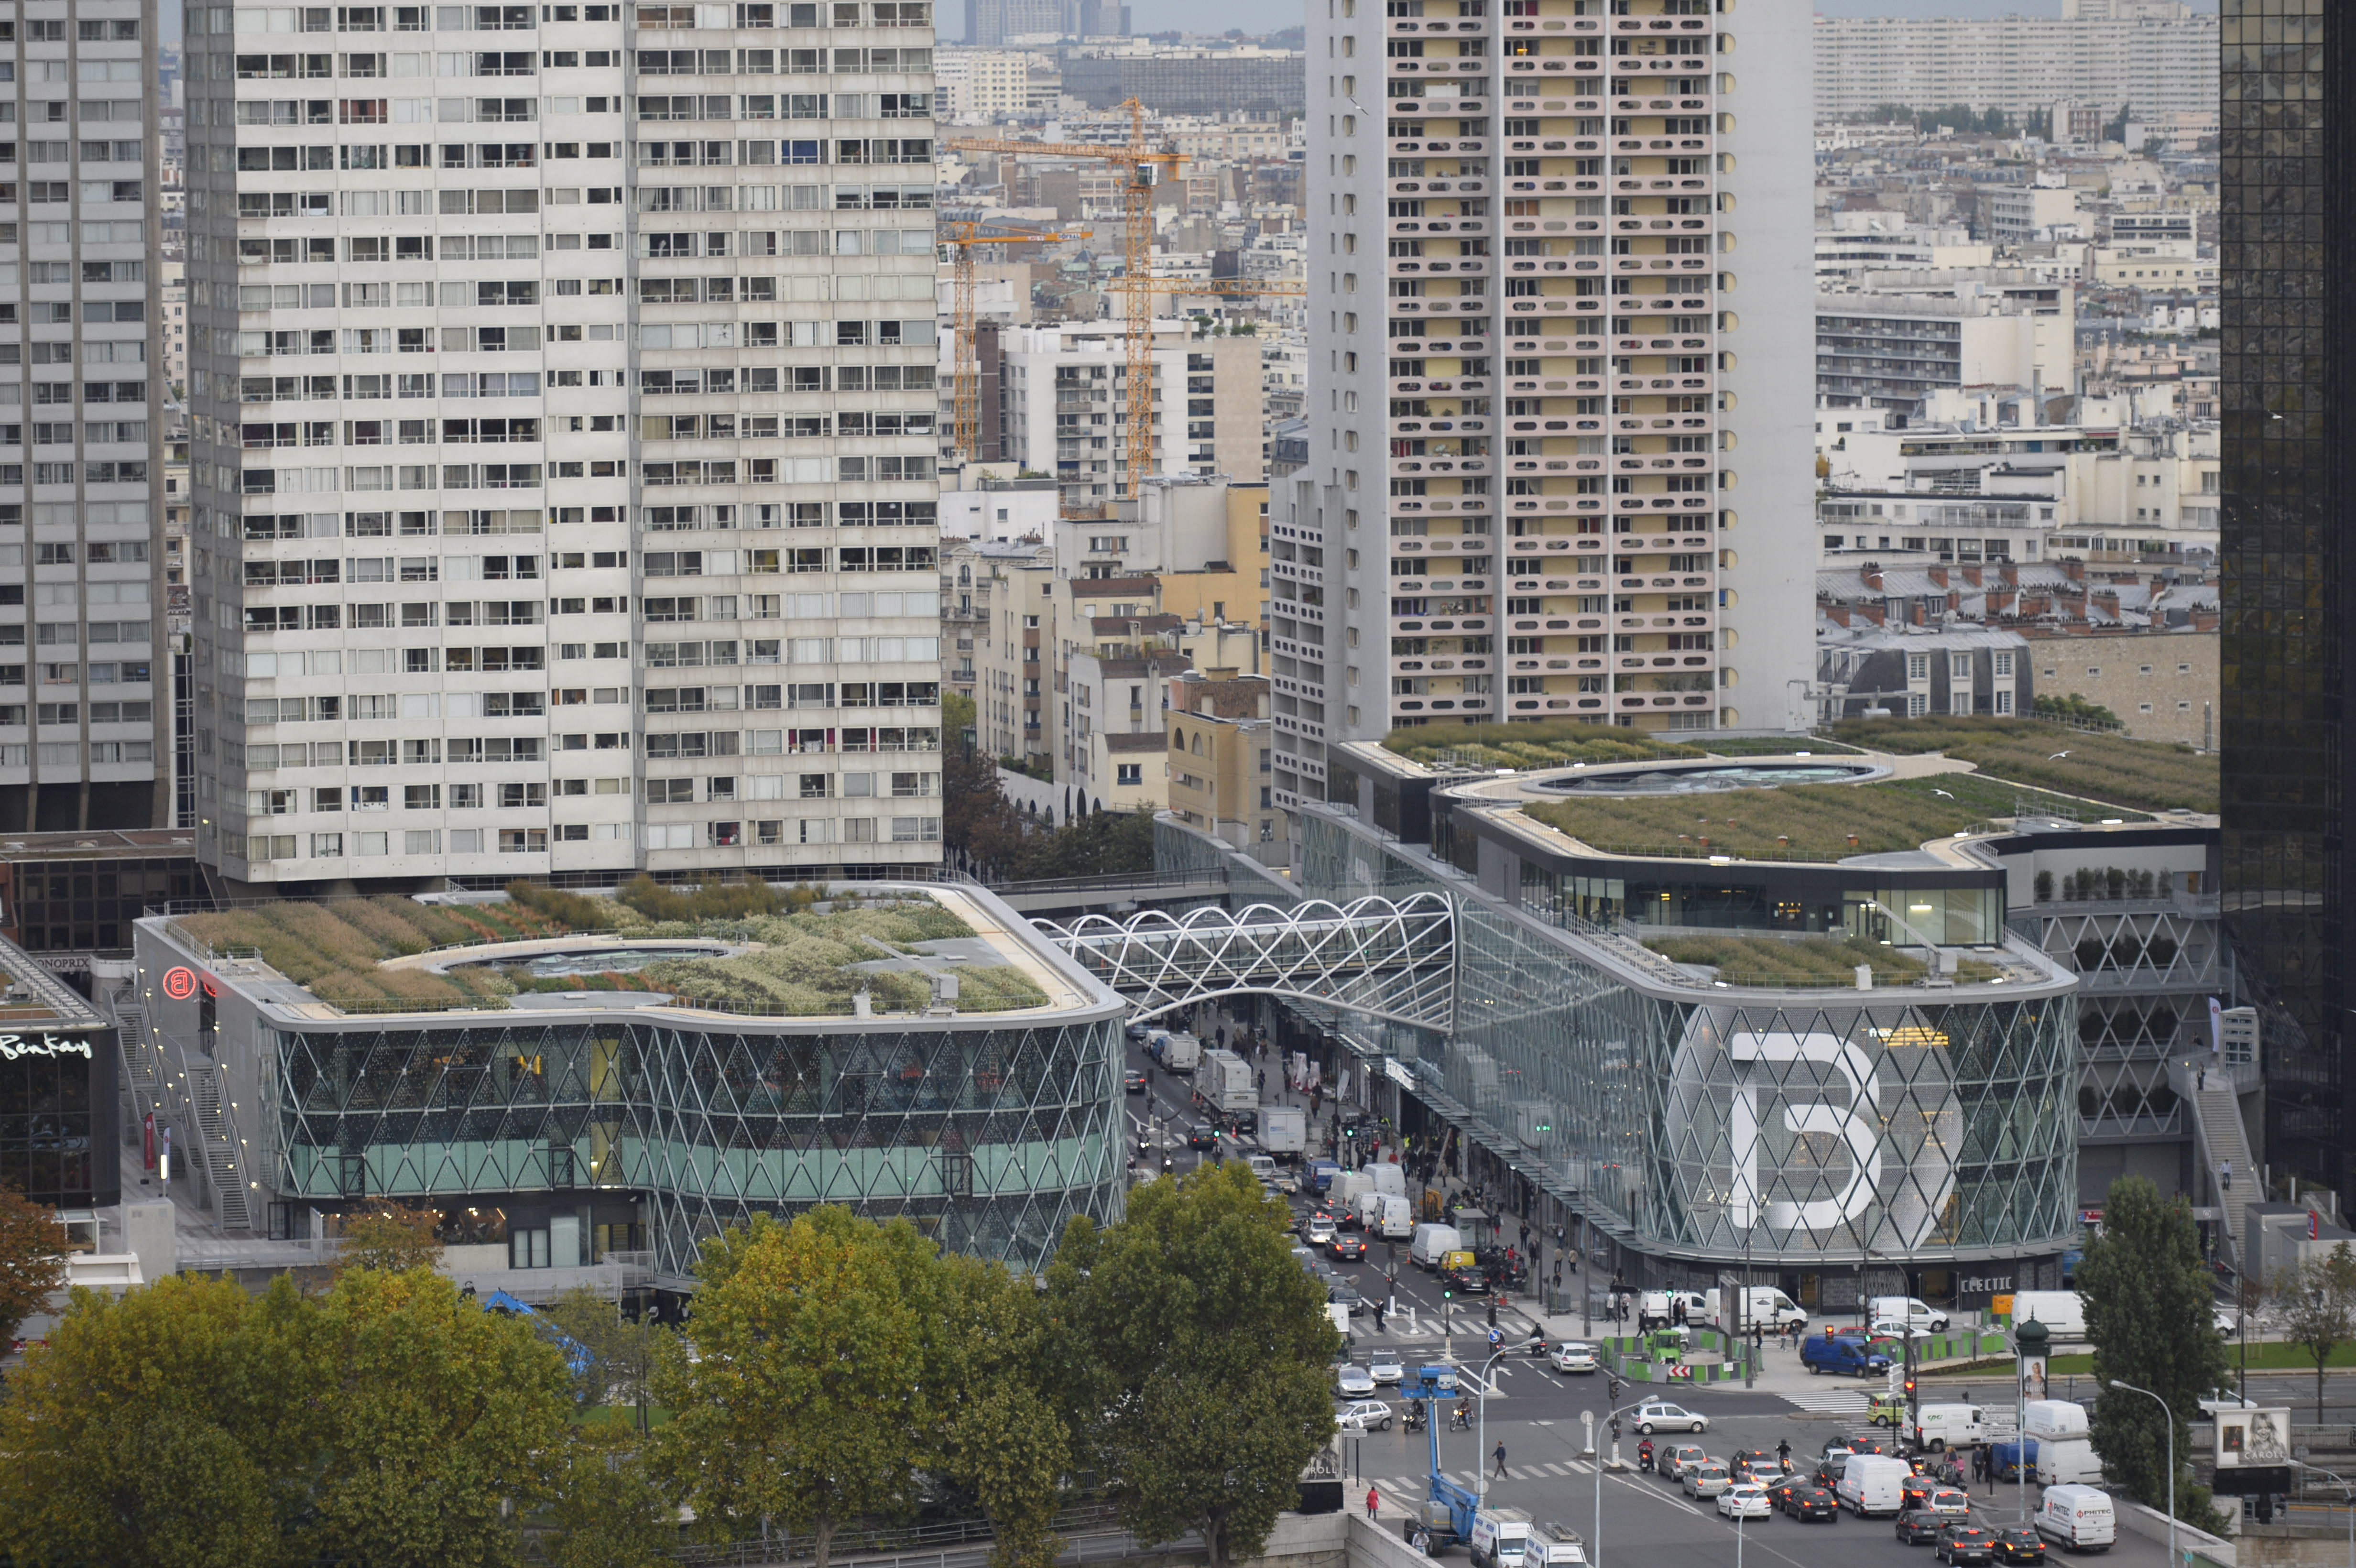 Le nouveau centre commercial beaugrenelle ingrid nappi choulet - Le centre beaugrenelle ...